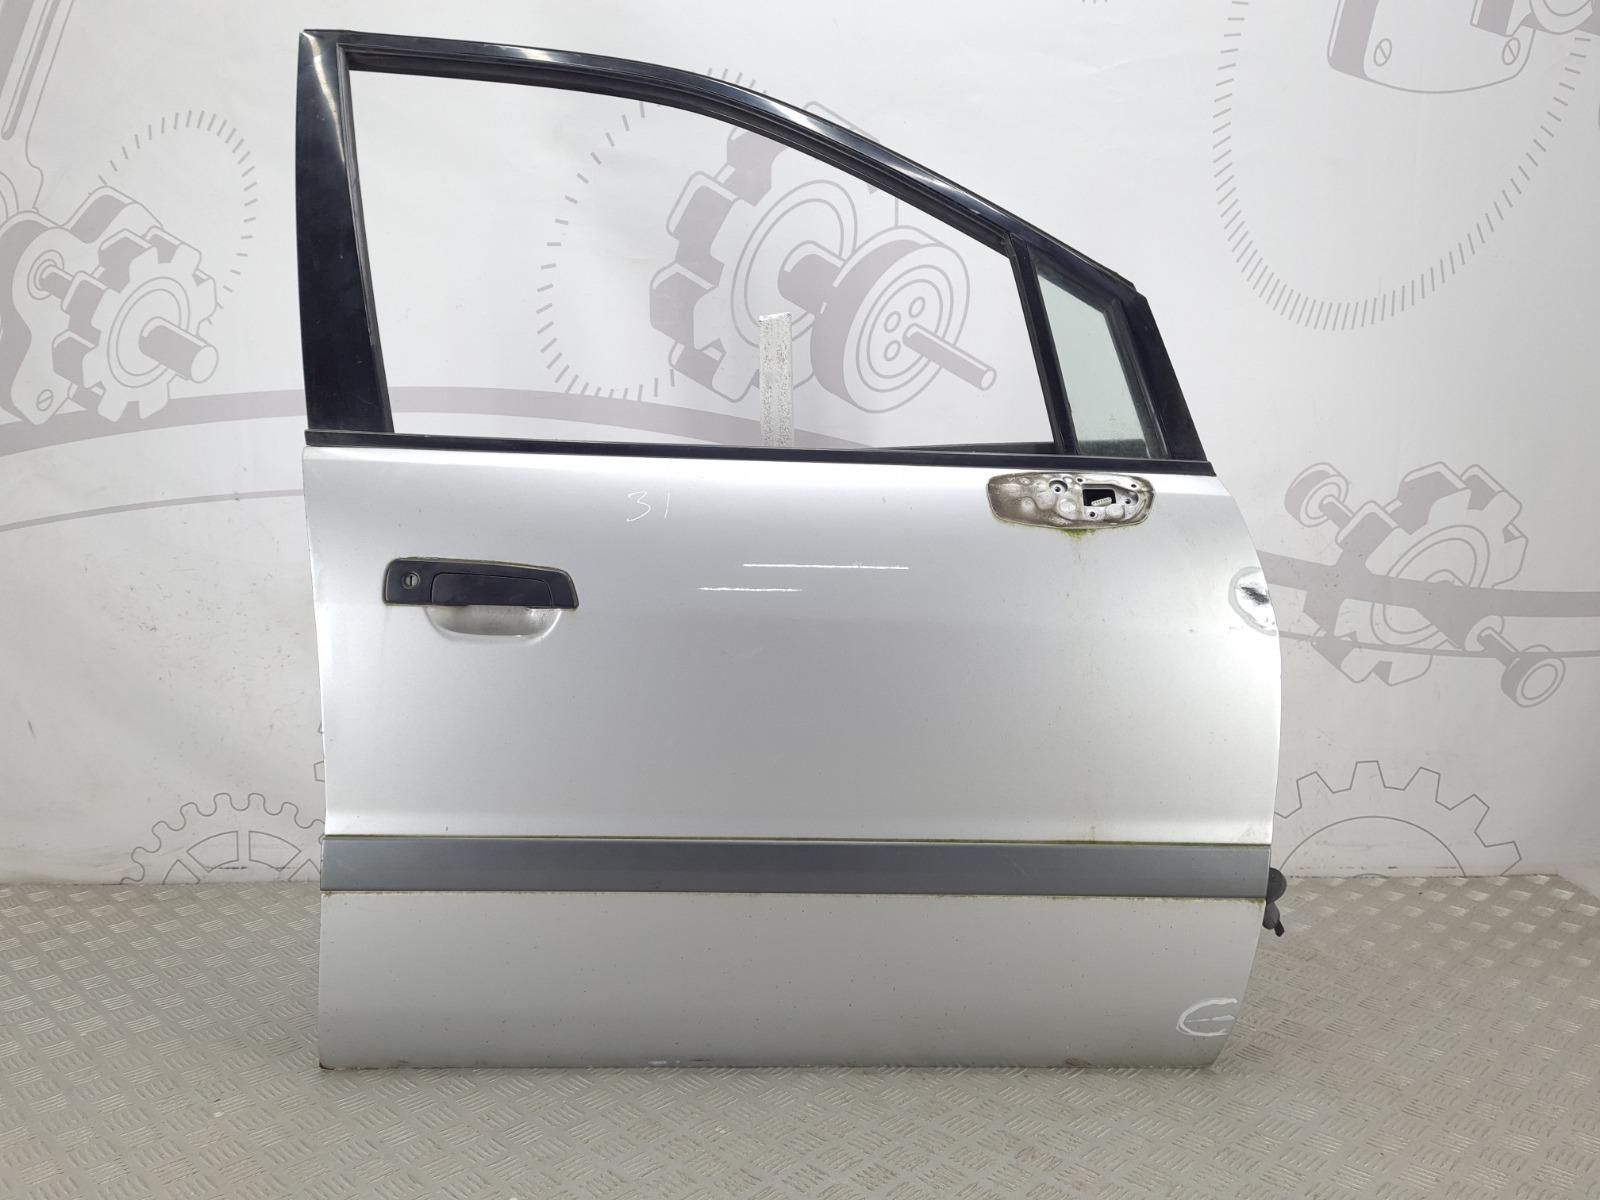 Дверь передняя правая Mitsubishi Space Wagon 3 2.4 I 2002 (б/у)